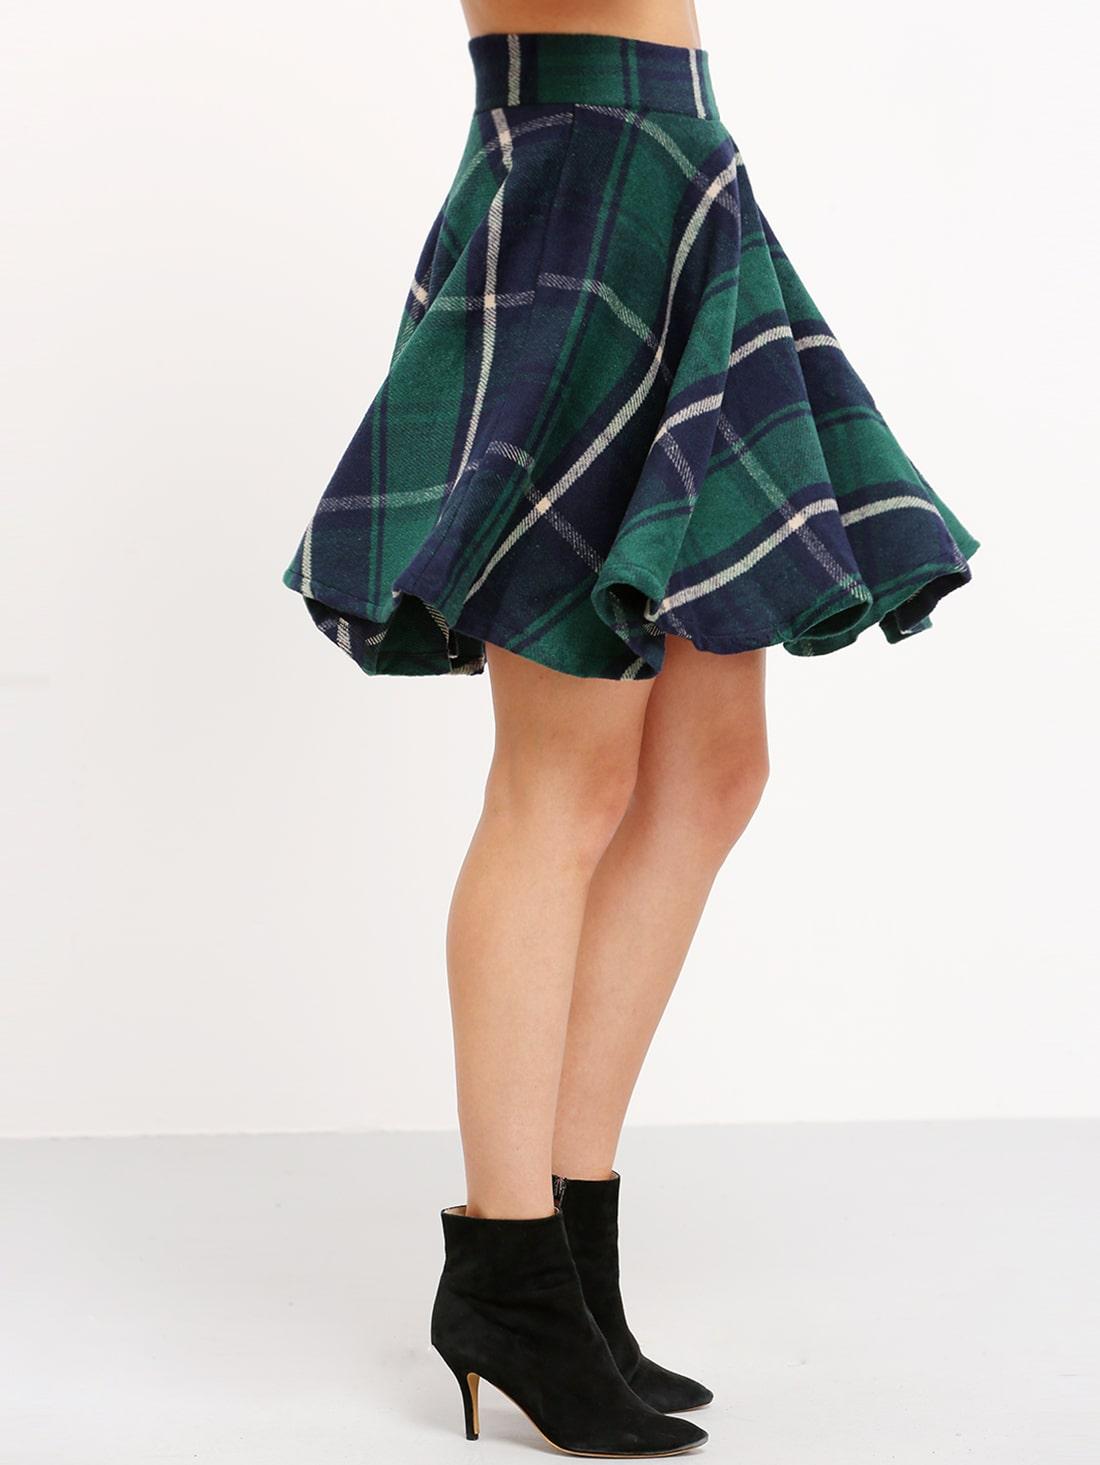 e768758a7 Green High Waist Checkered Skirt | SHEIN UK